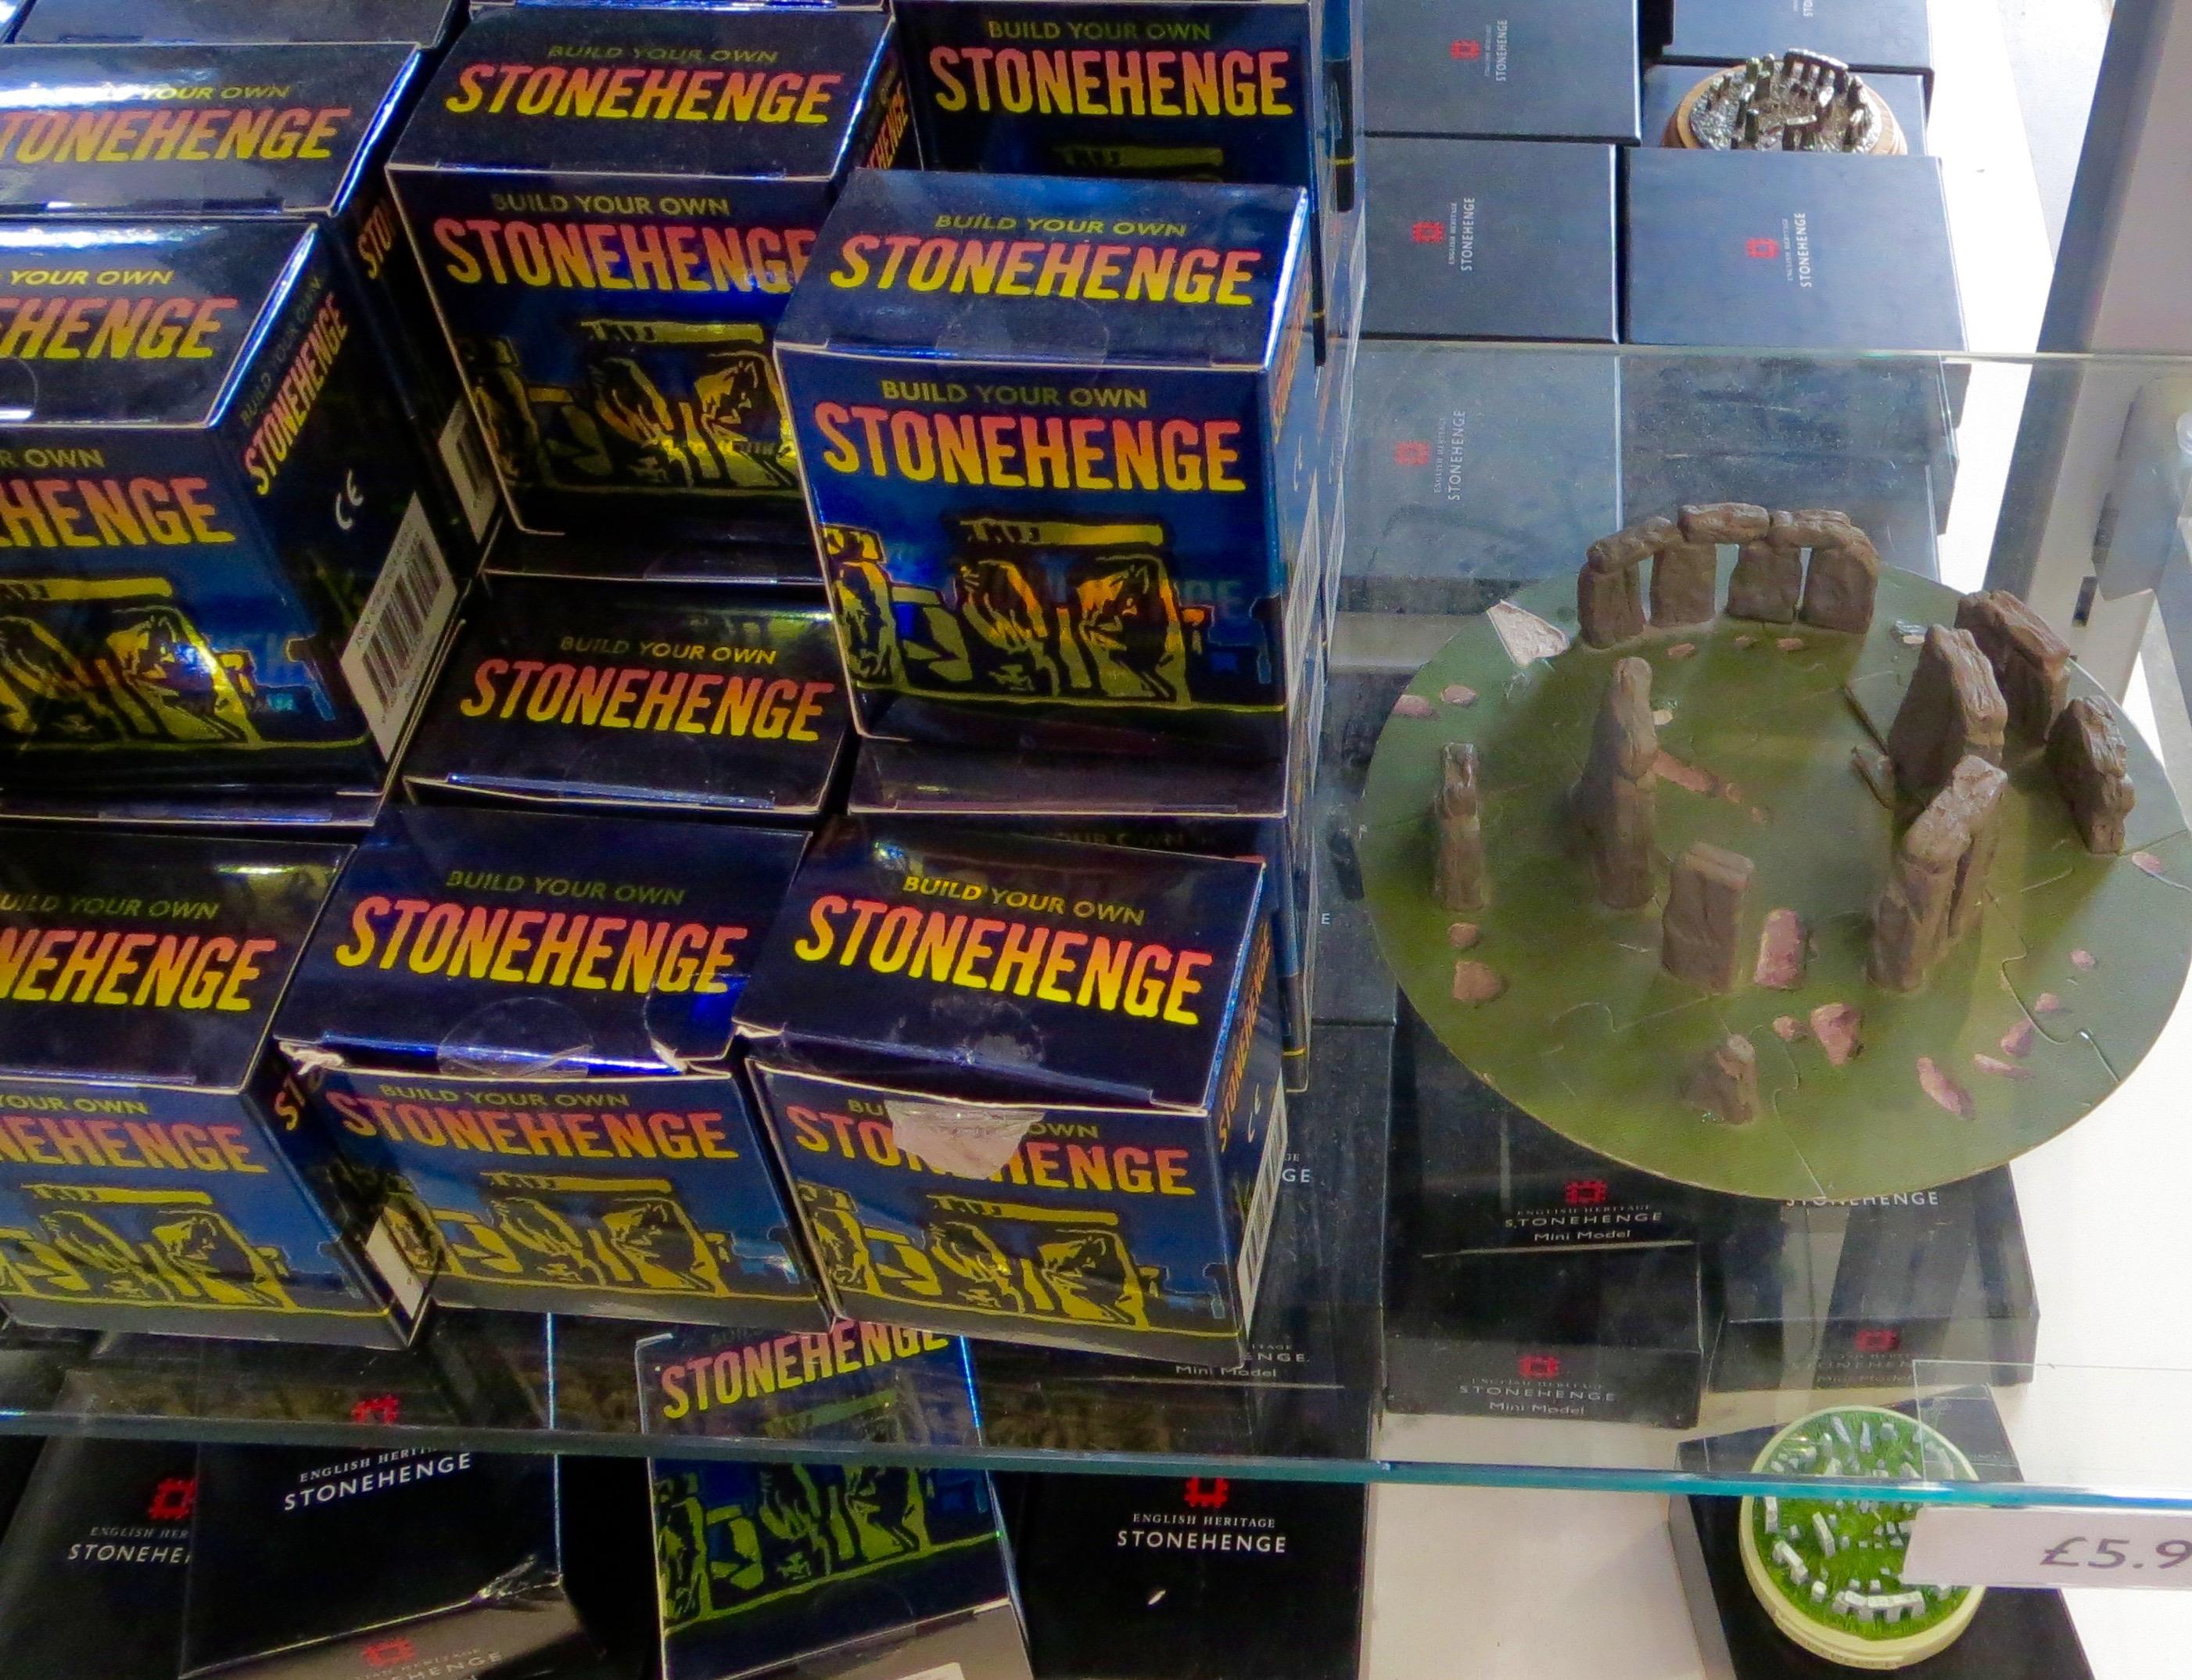 chocolate Stonehenge | Clonehenge